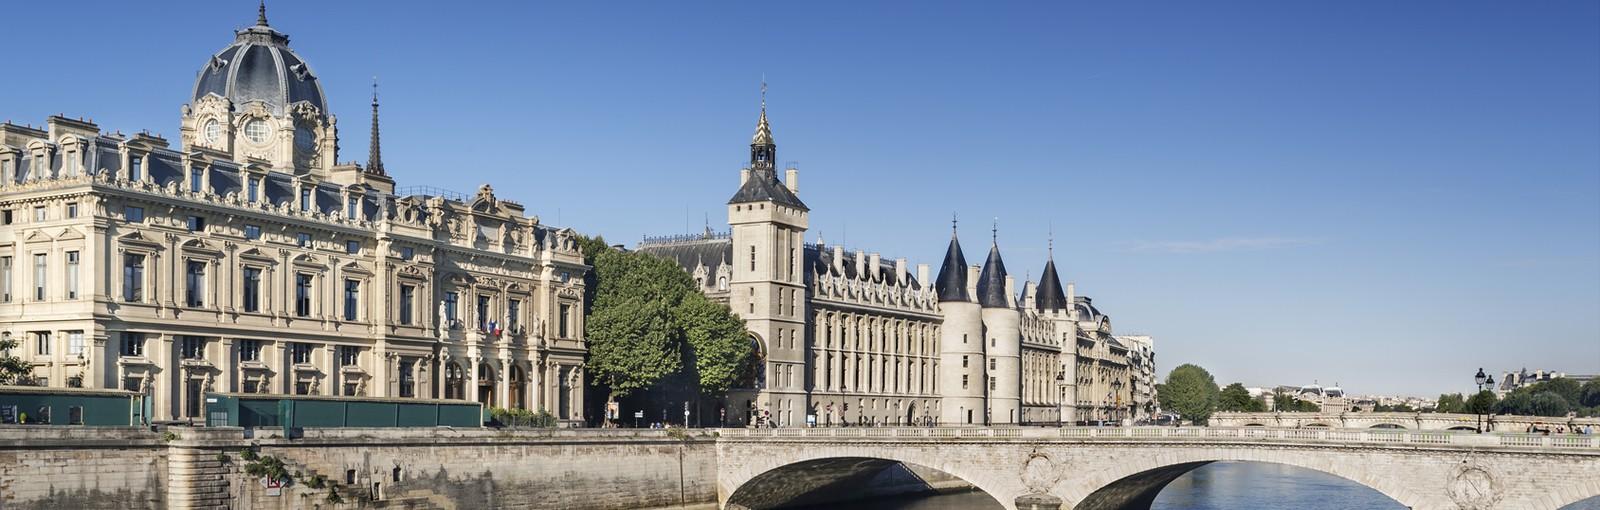 Tours Des regards neufs sur le vieux Paris - Visites pédestres - Visites de Paris